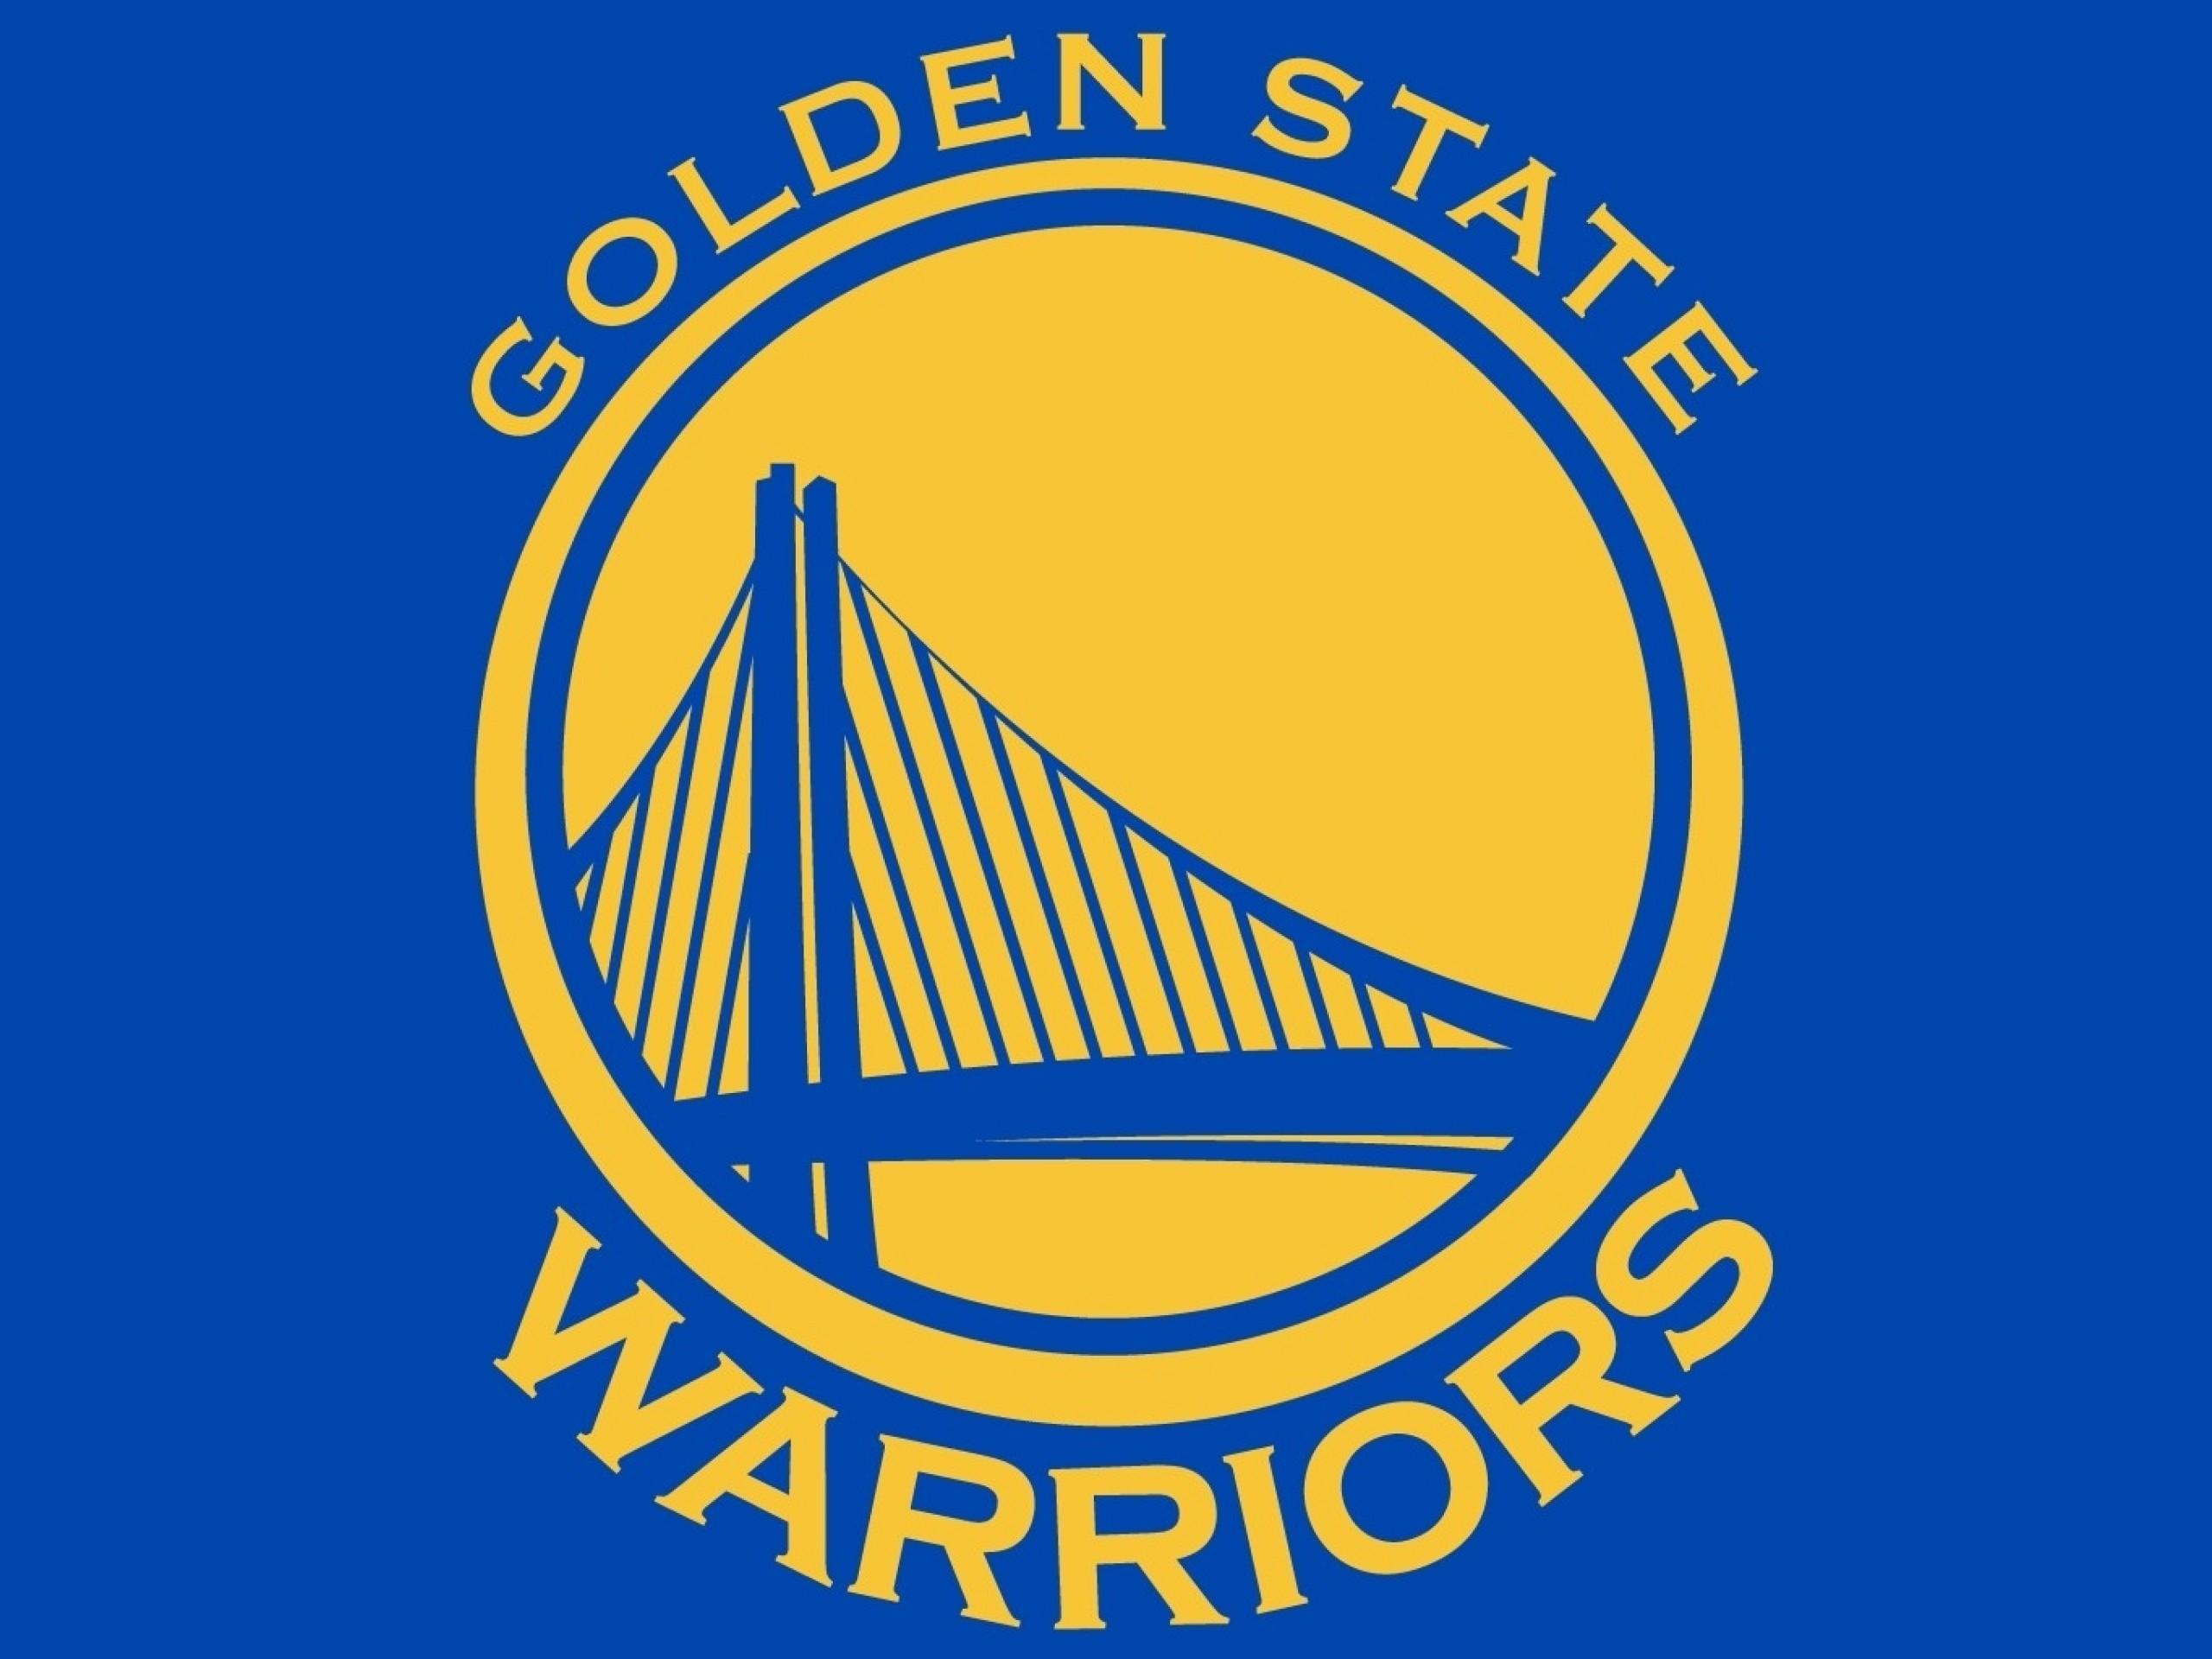 GOLDEN STATE WARRIORS nba basketball (14) wallpaper | .